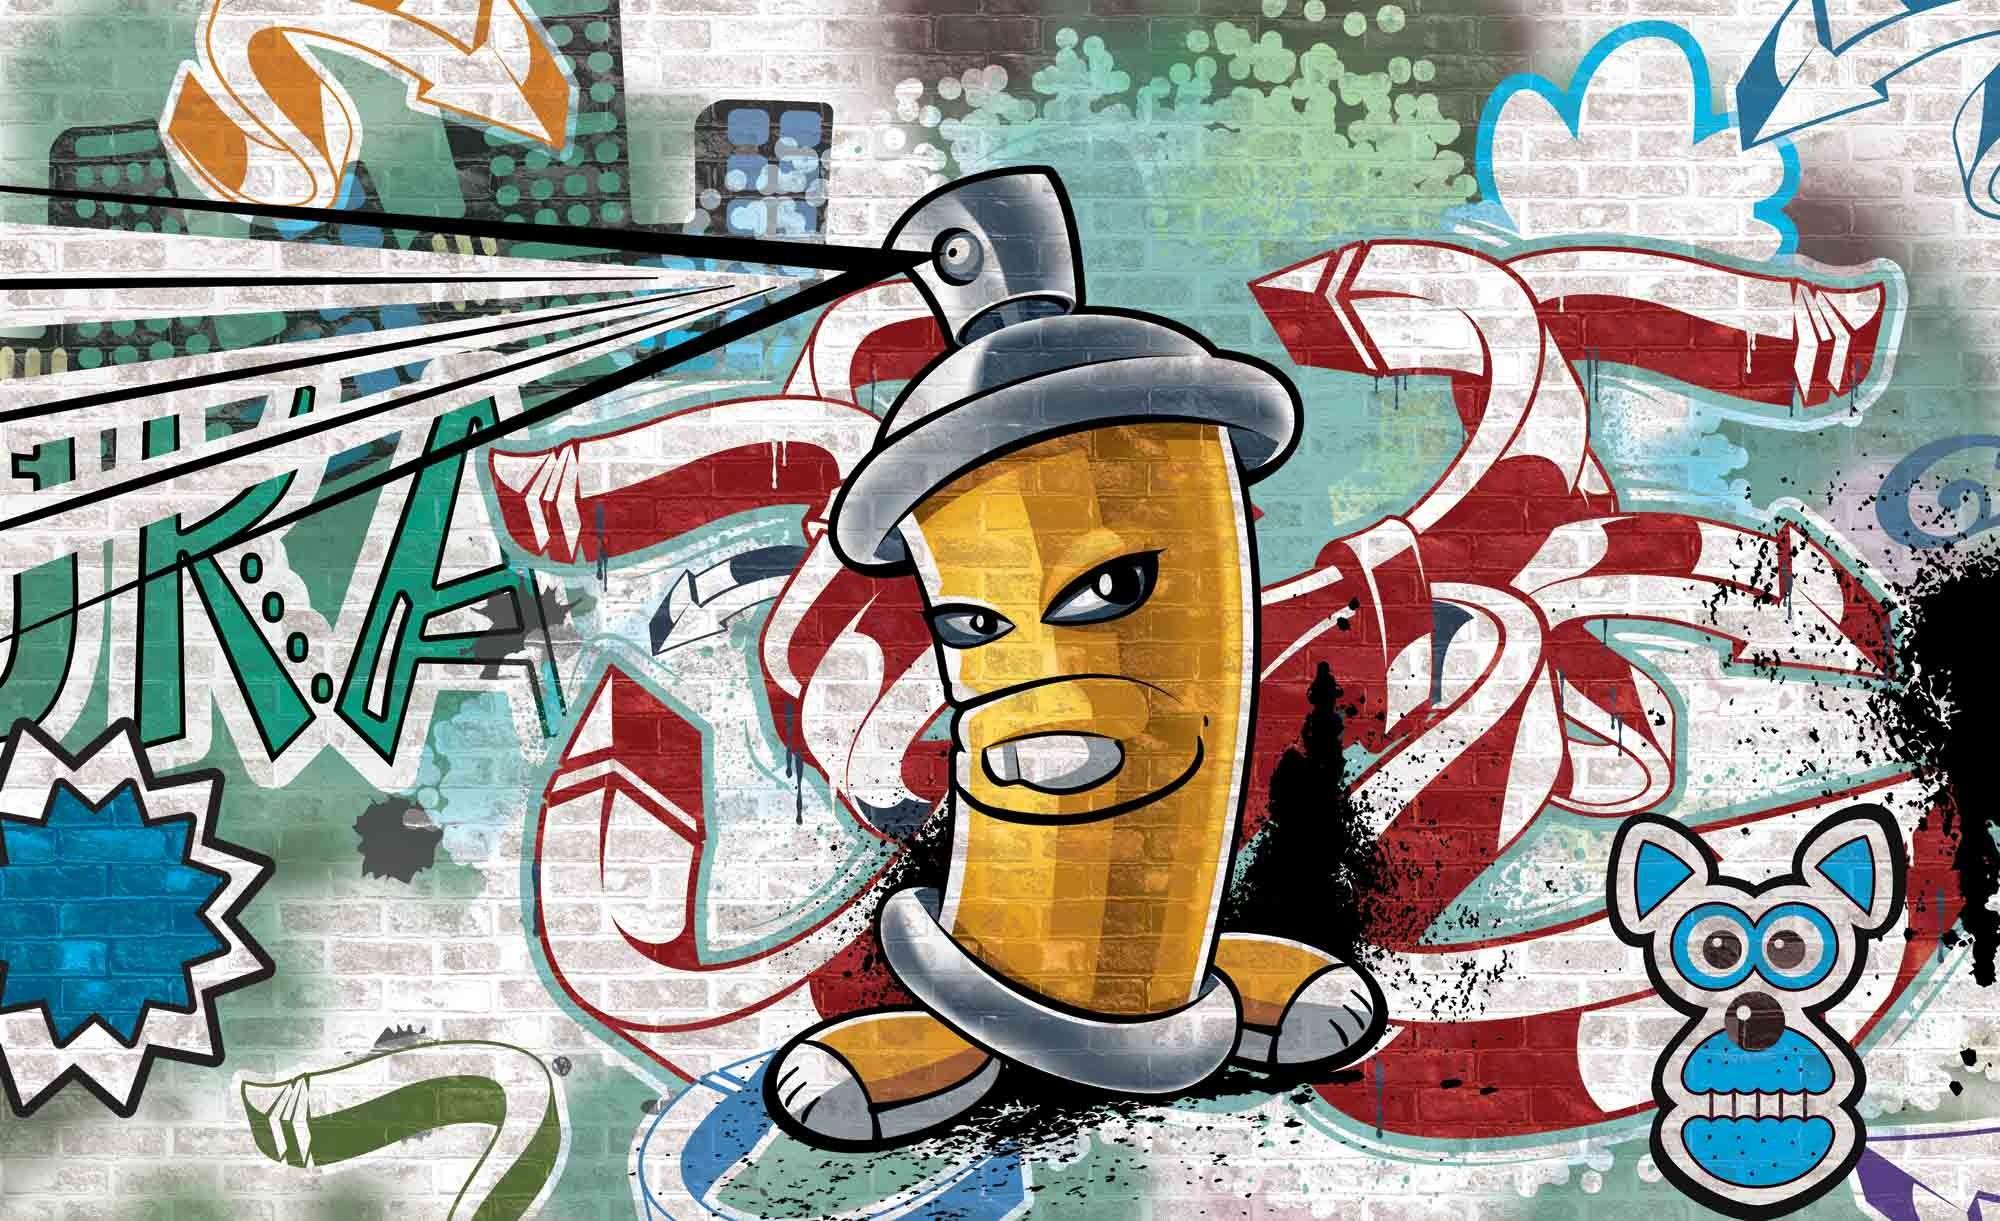 Graffiti Boys Urban Art Photo Wallpaper Mural (CN-1397PP)